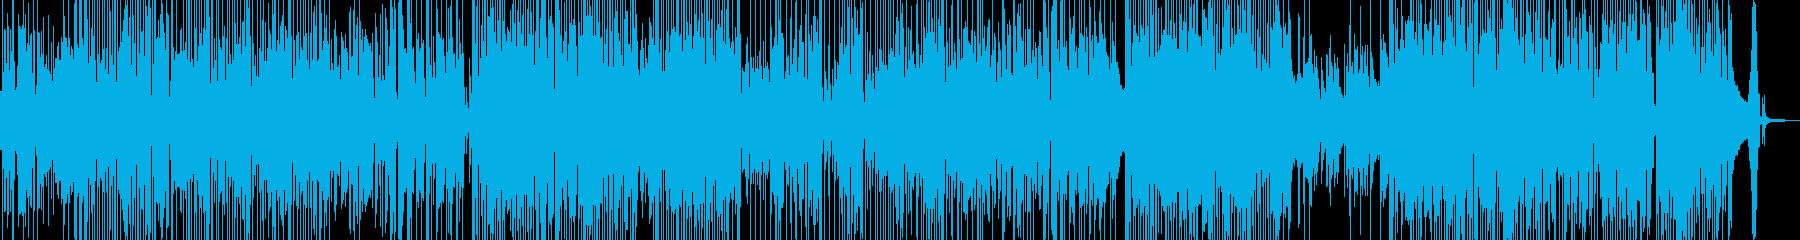 前向きで明るい気持ちになるジャズ 長尺★の再生済みの波形